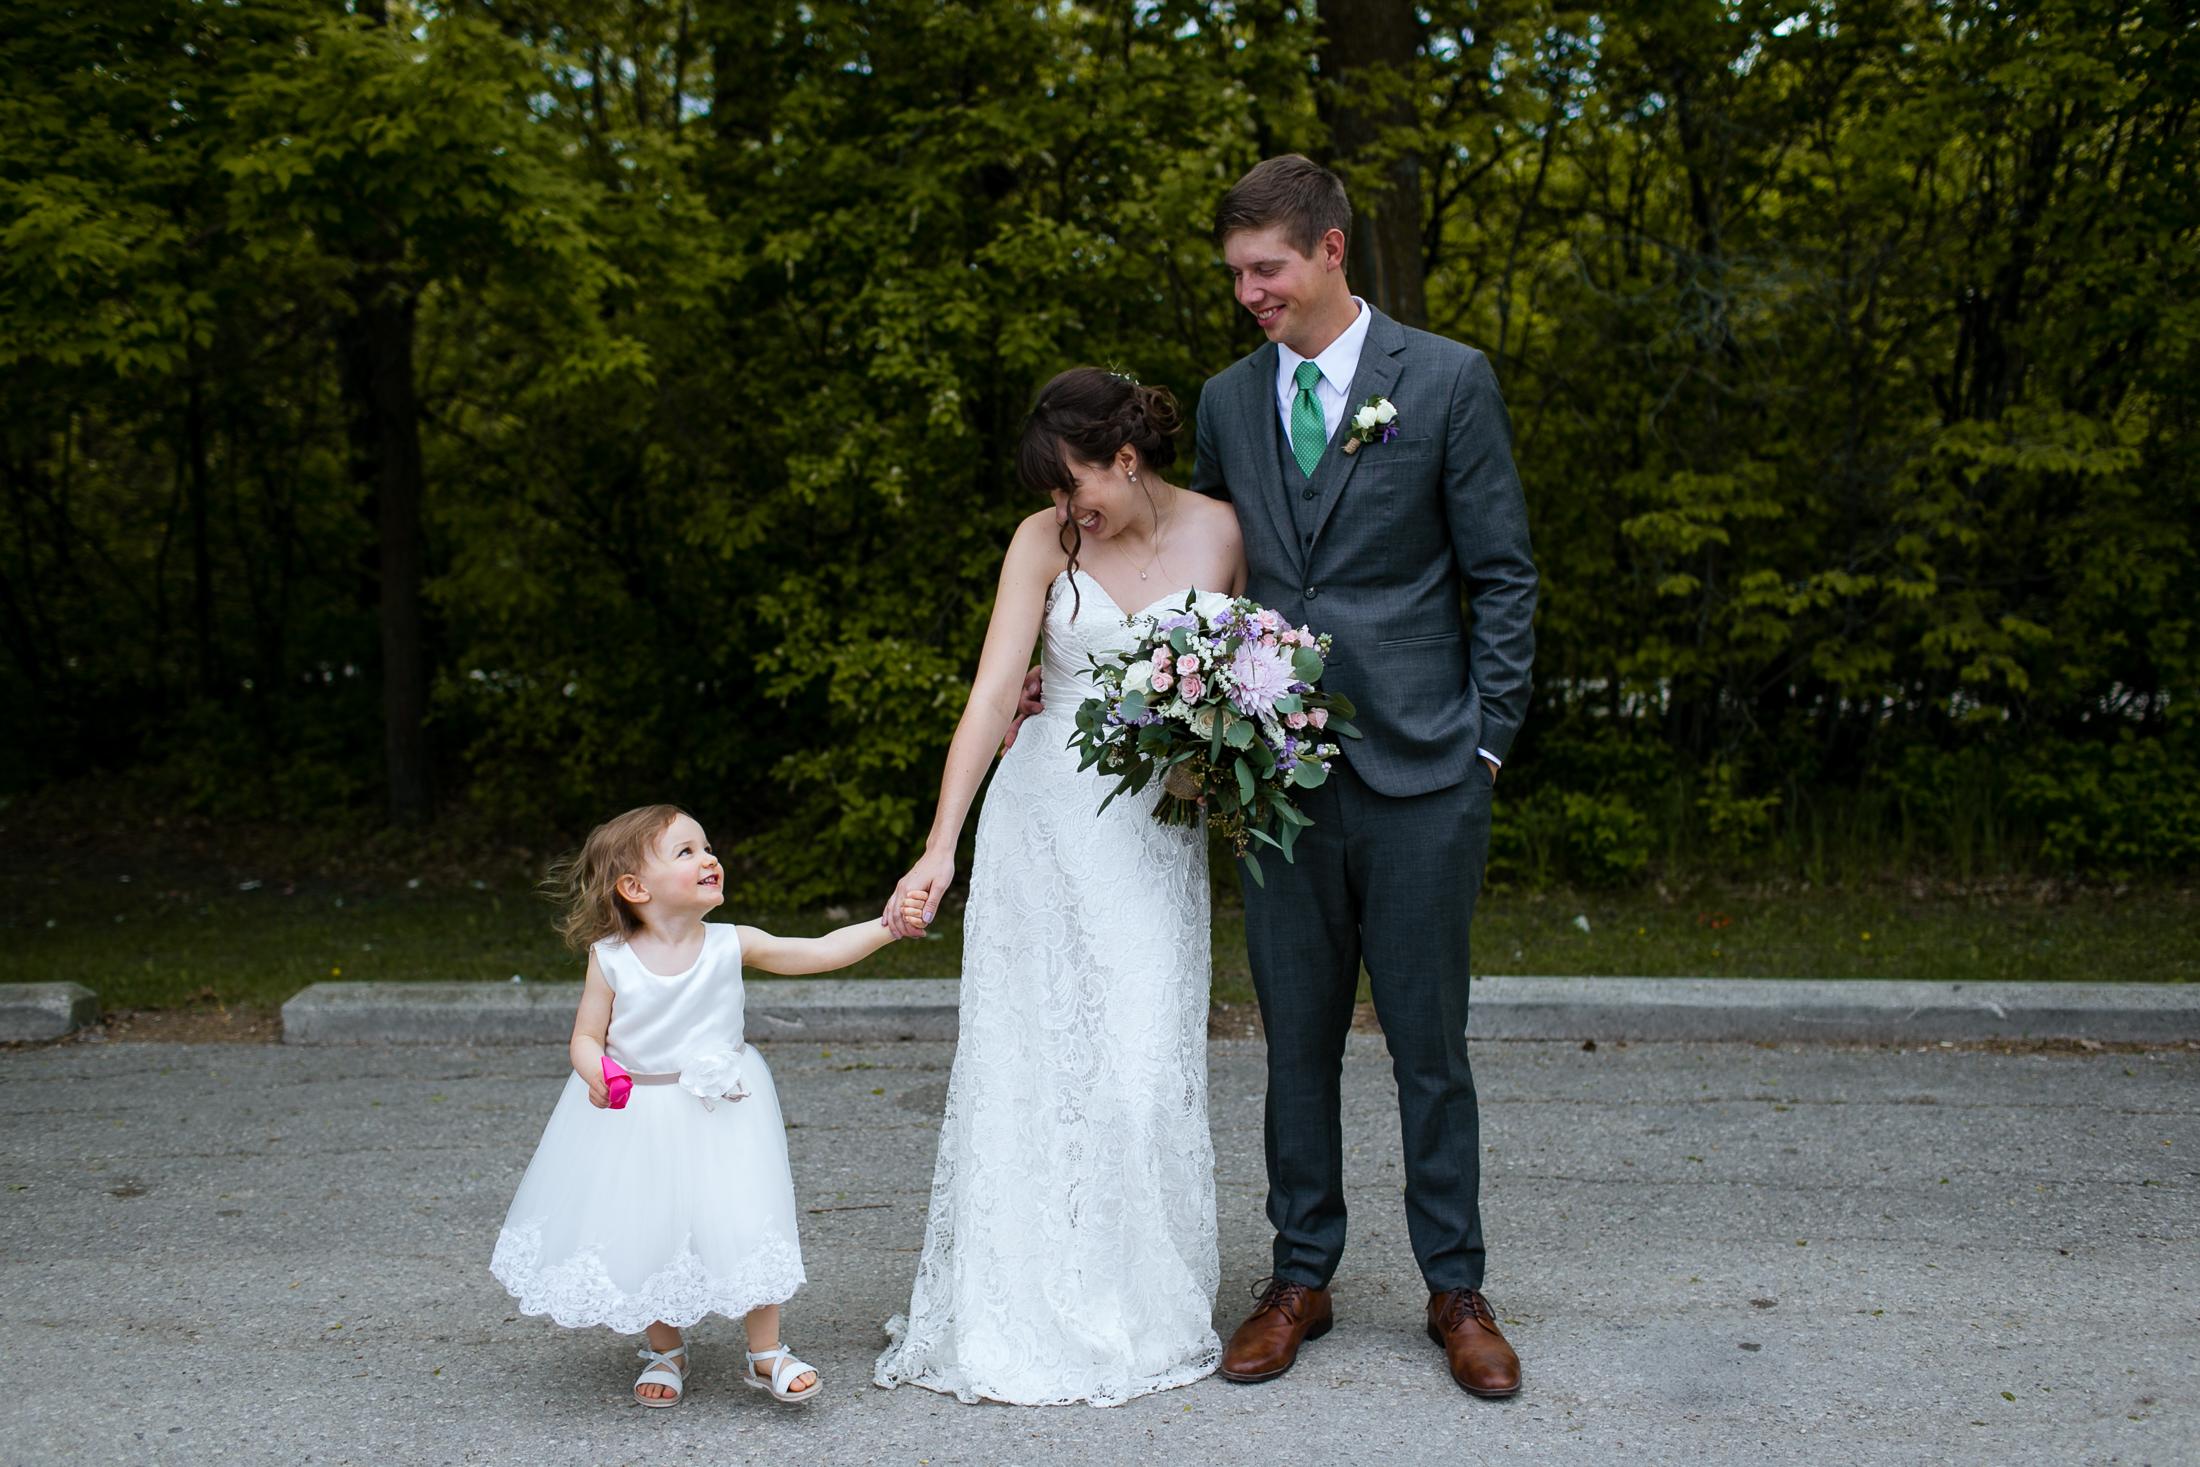 Cheryl&Kyle_Wedding_Reanne_018.jpg